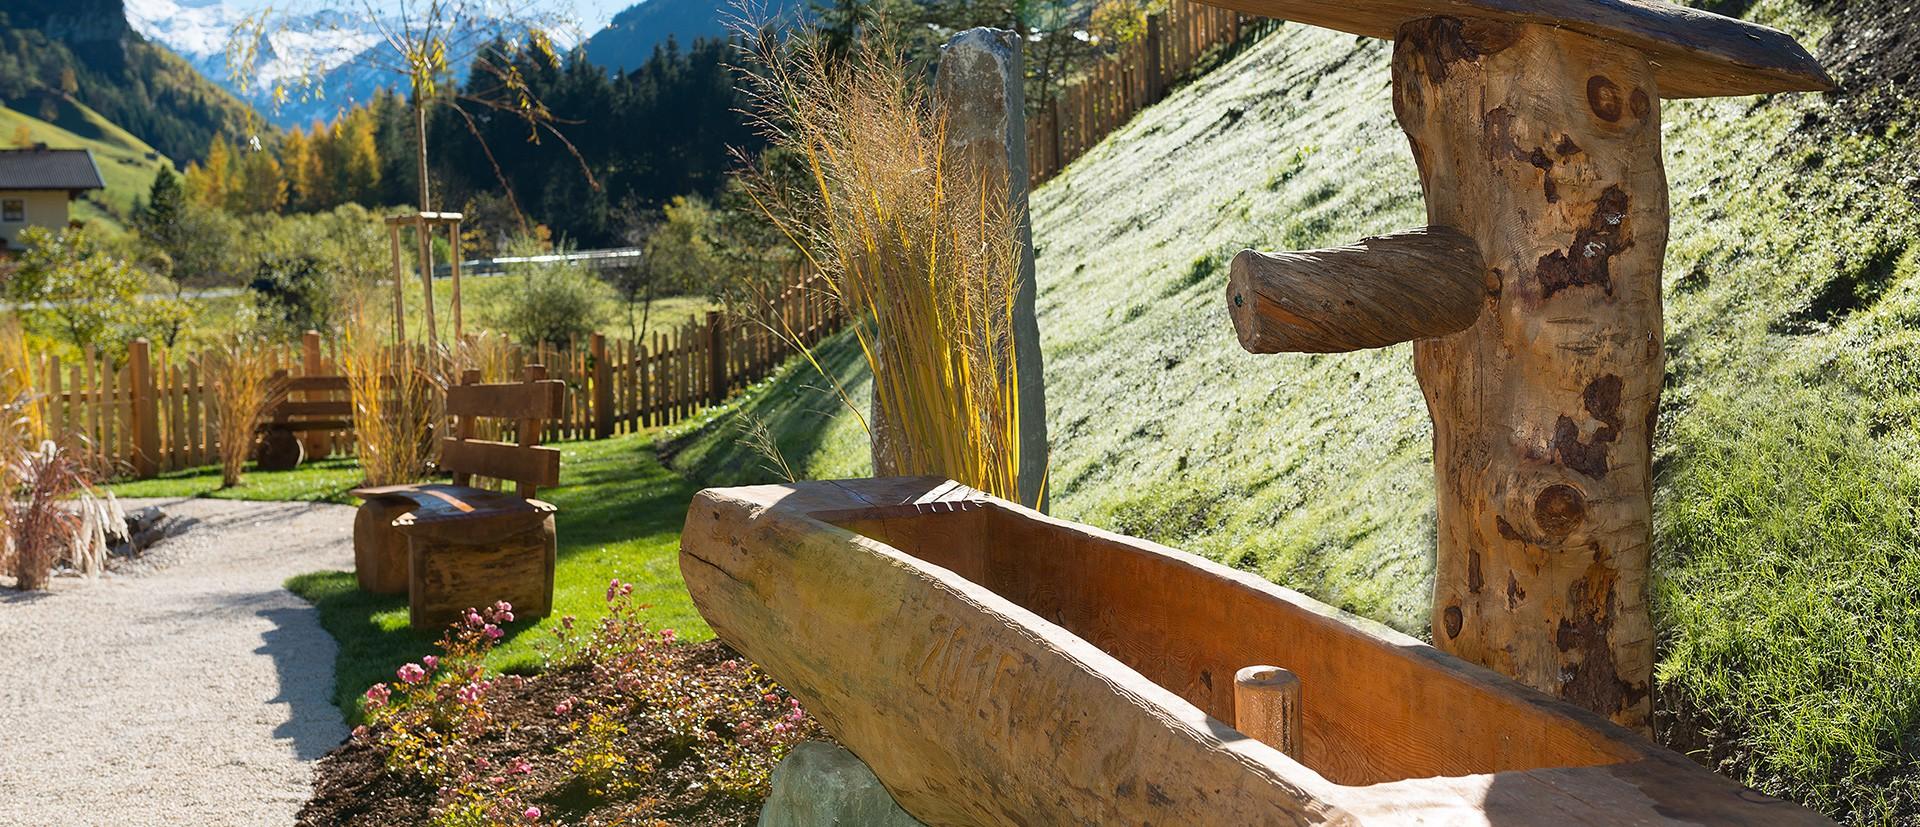 Genießen Sie Ihren Luxus Chaleturlaub in den Bergen in Österreich